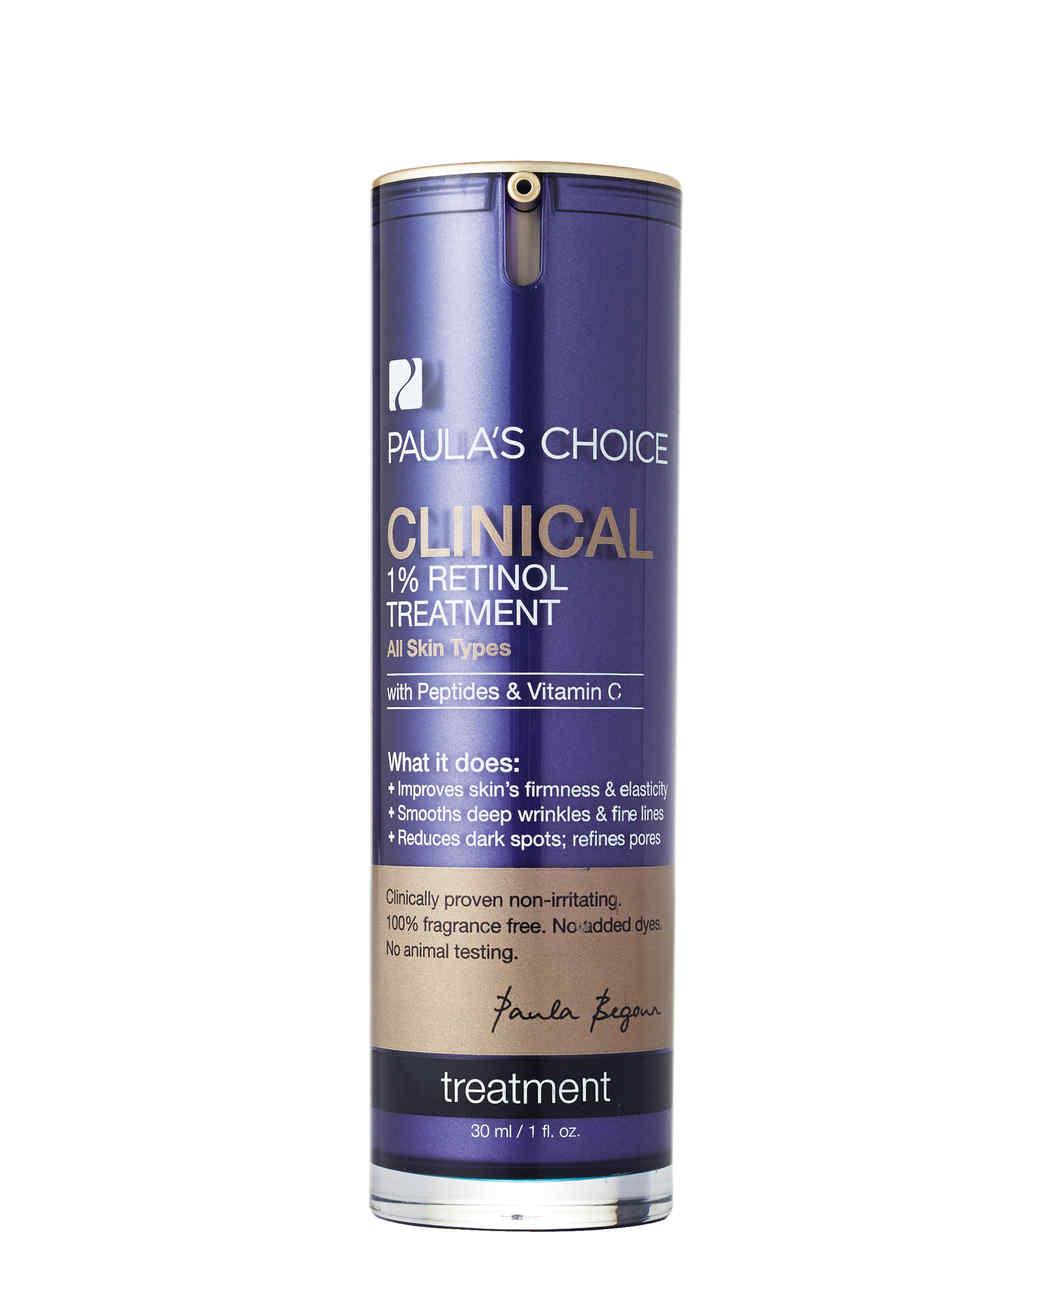 paulas-choice-retinol-treatment-015-d111355.jpg